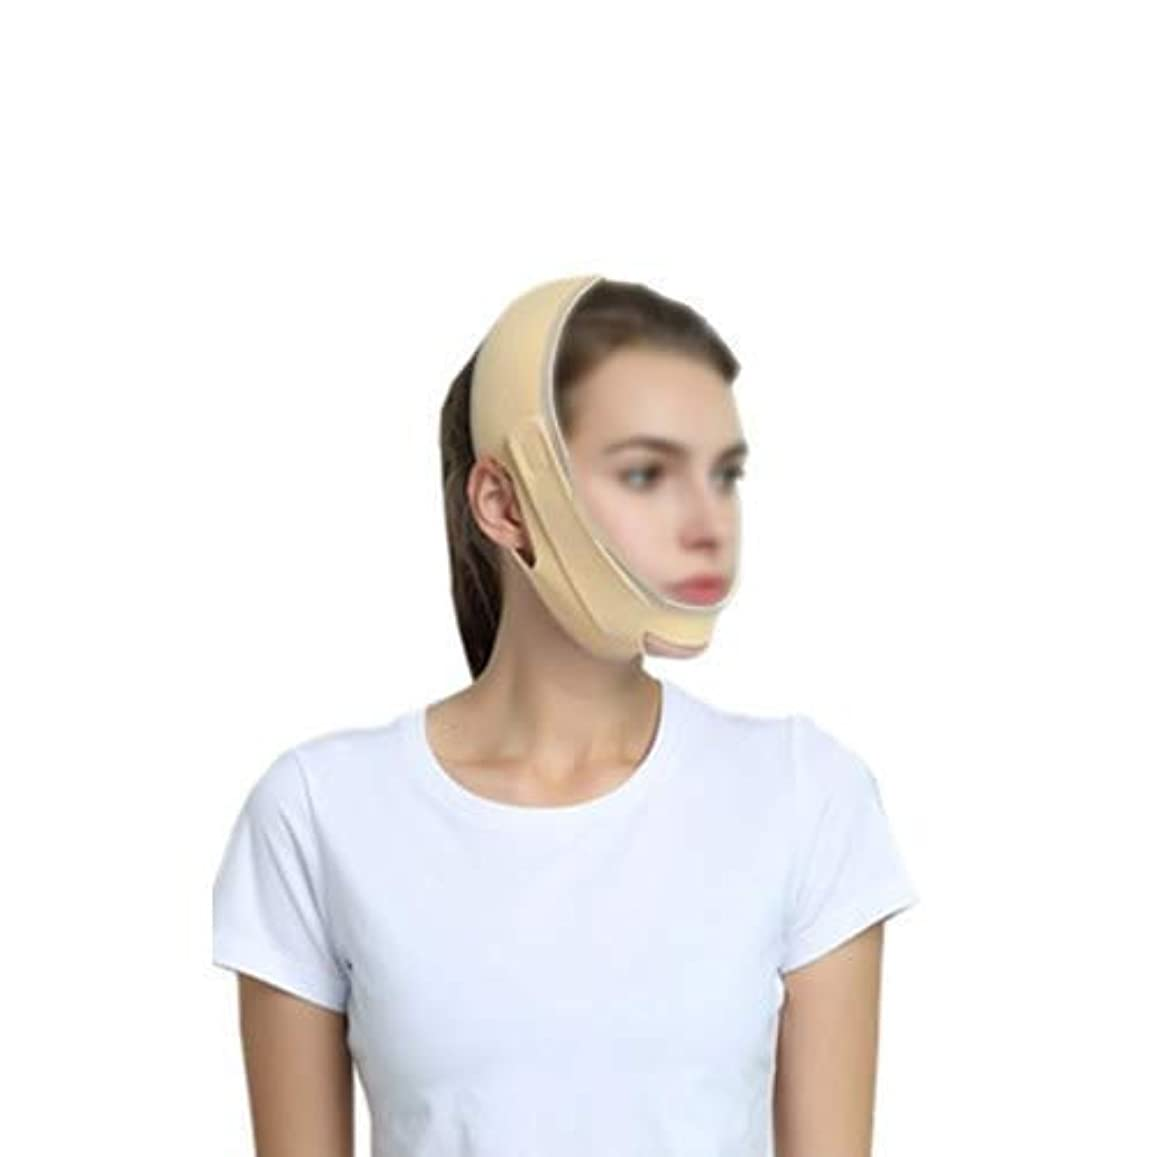 信条迫害する病的フェイスリフトマスクフェイスアンドネックリフトポストエラスティックスリーブ下顎骨セットフェイスアーティファクトVフェイスフェイシャルフェイスバンドルダブルチンマスクブラックフェイスアーティファク(色:A)